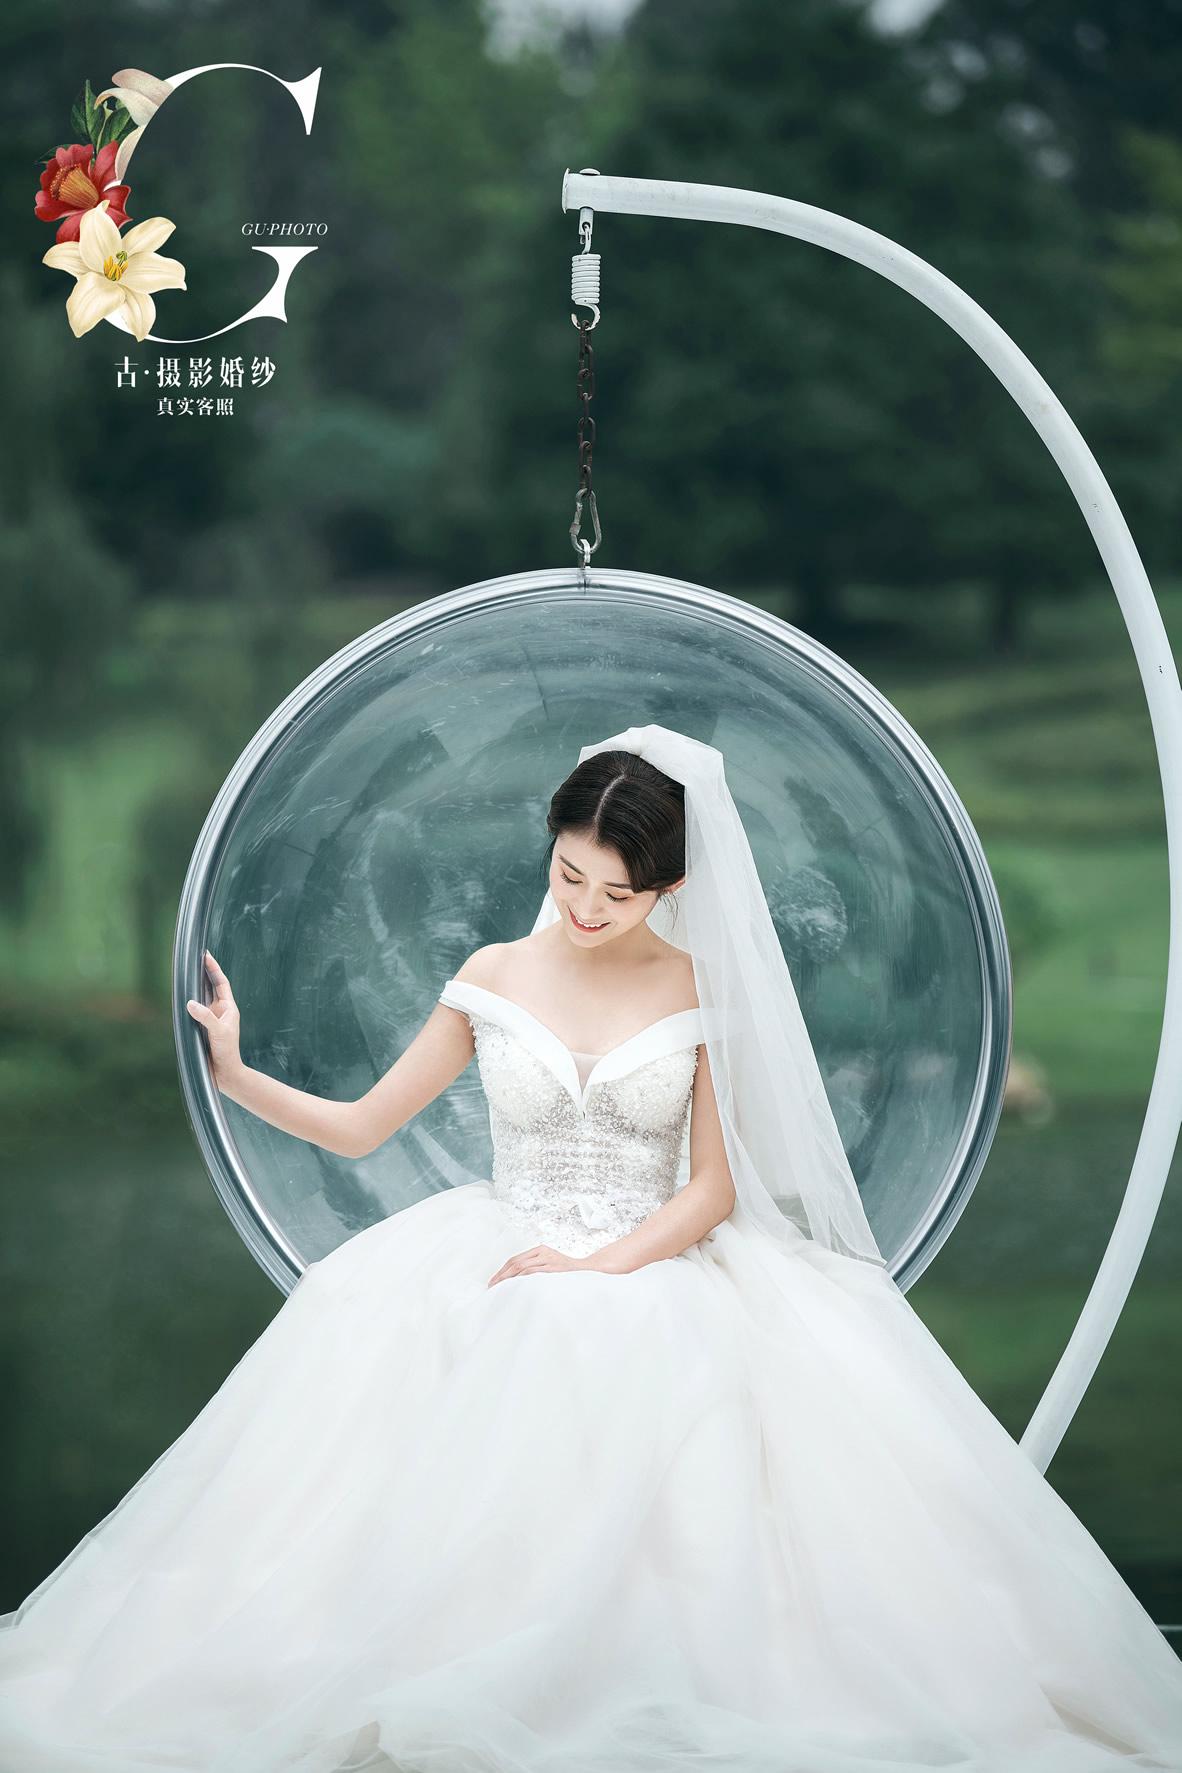 王先生 易小姐 - 每日客照 - 古摄影婚纱艺术-古摄影成都婚纱摄影艺术摄影网